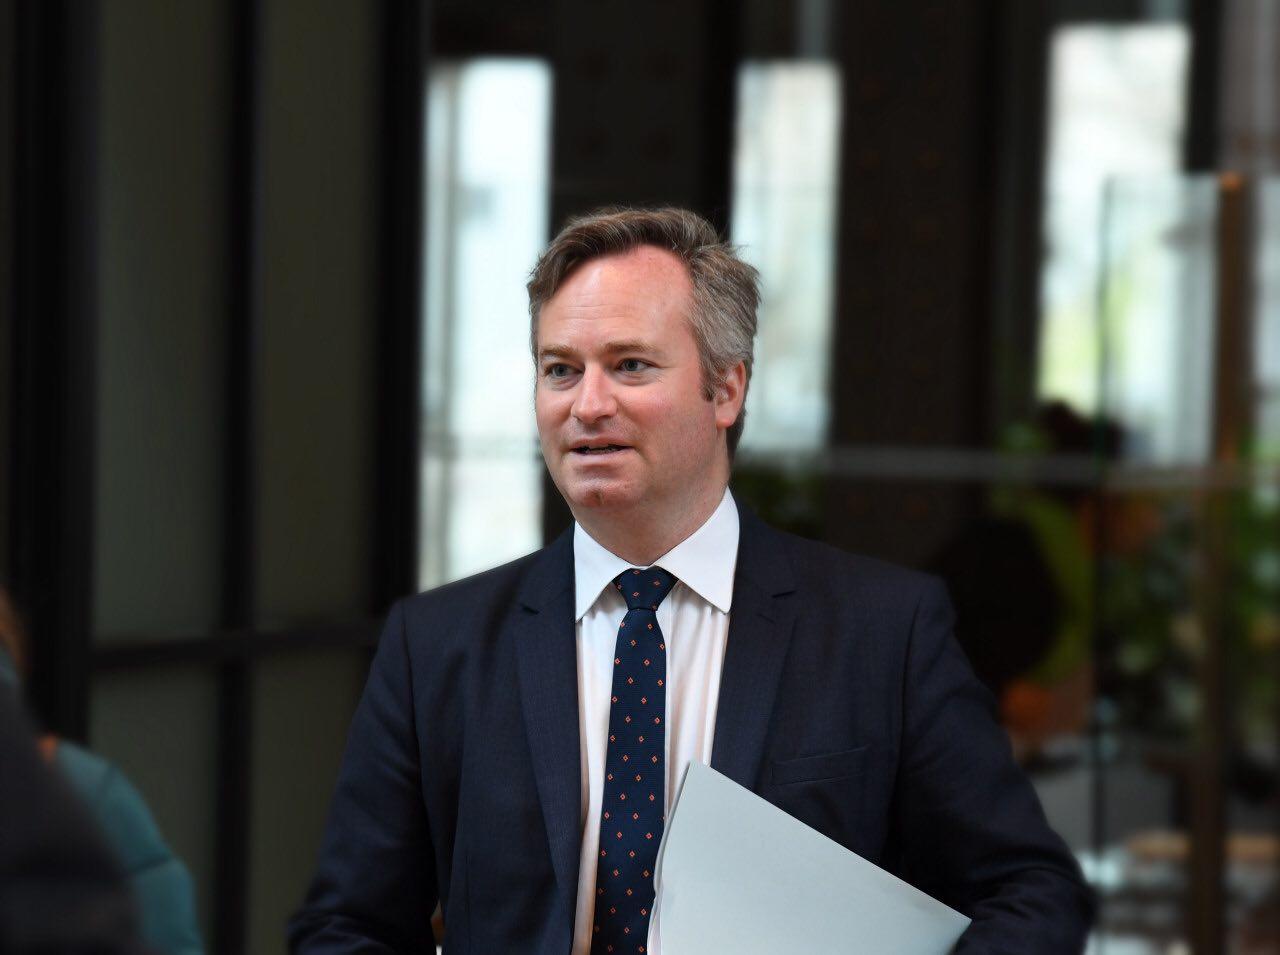 Jean-Baptiste Lemoyne, le secrétaire d'Etat auprès du ministre de l'Europe et des affaires étrangères